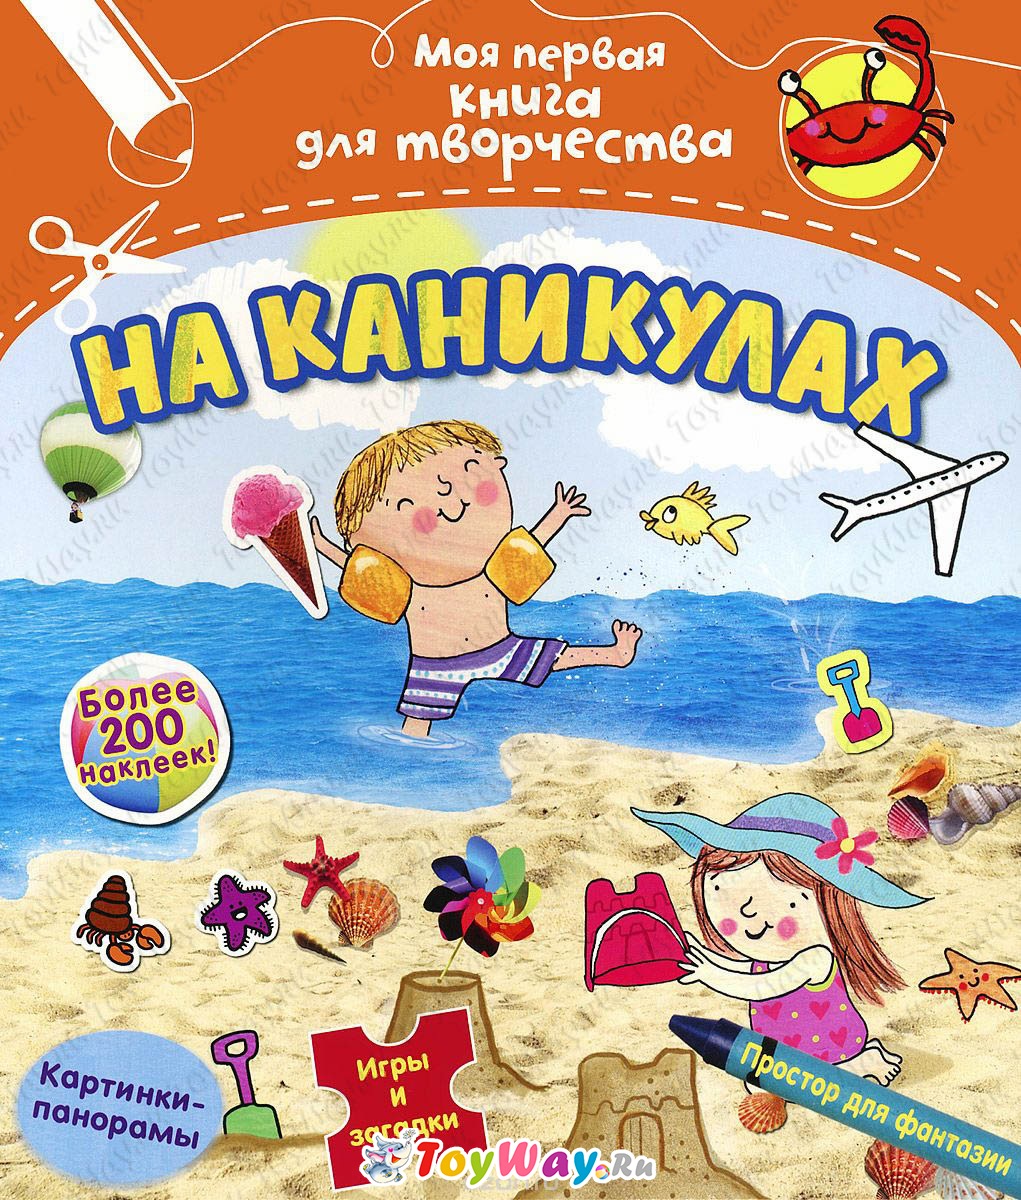 Книга из серии - Моя первая книга для творчества - На каникулах, с наклейкамиРазвивающие наклейки<br>Книга из серии - Моя первая книга для творчества - На каникулах, с наклейками<br>